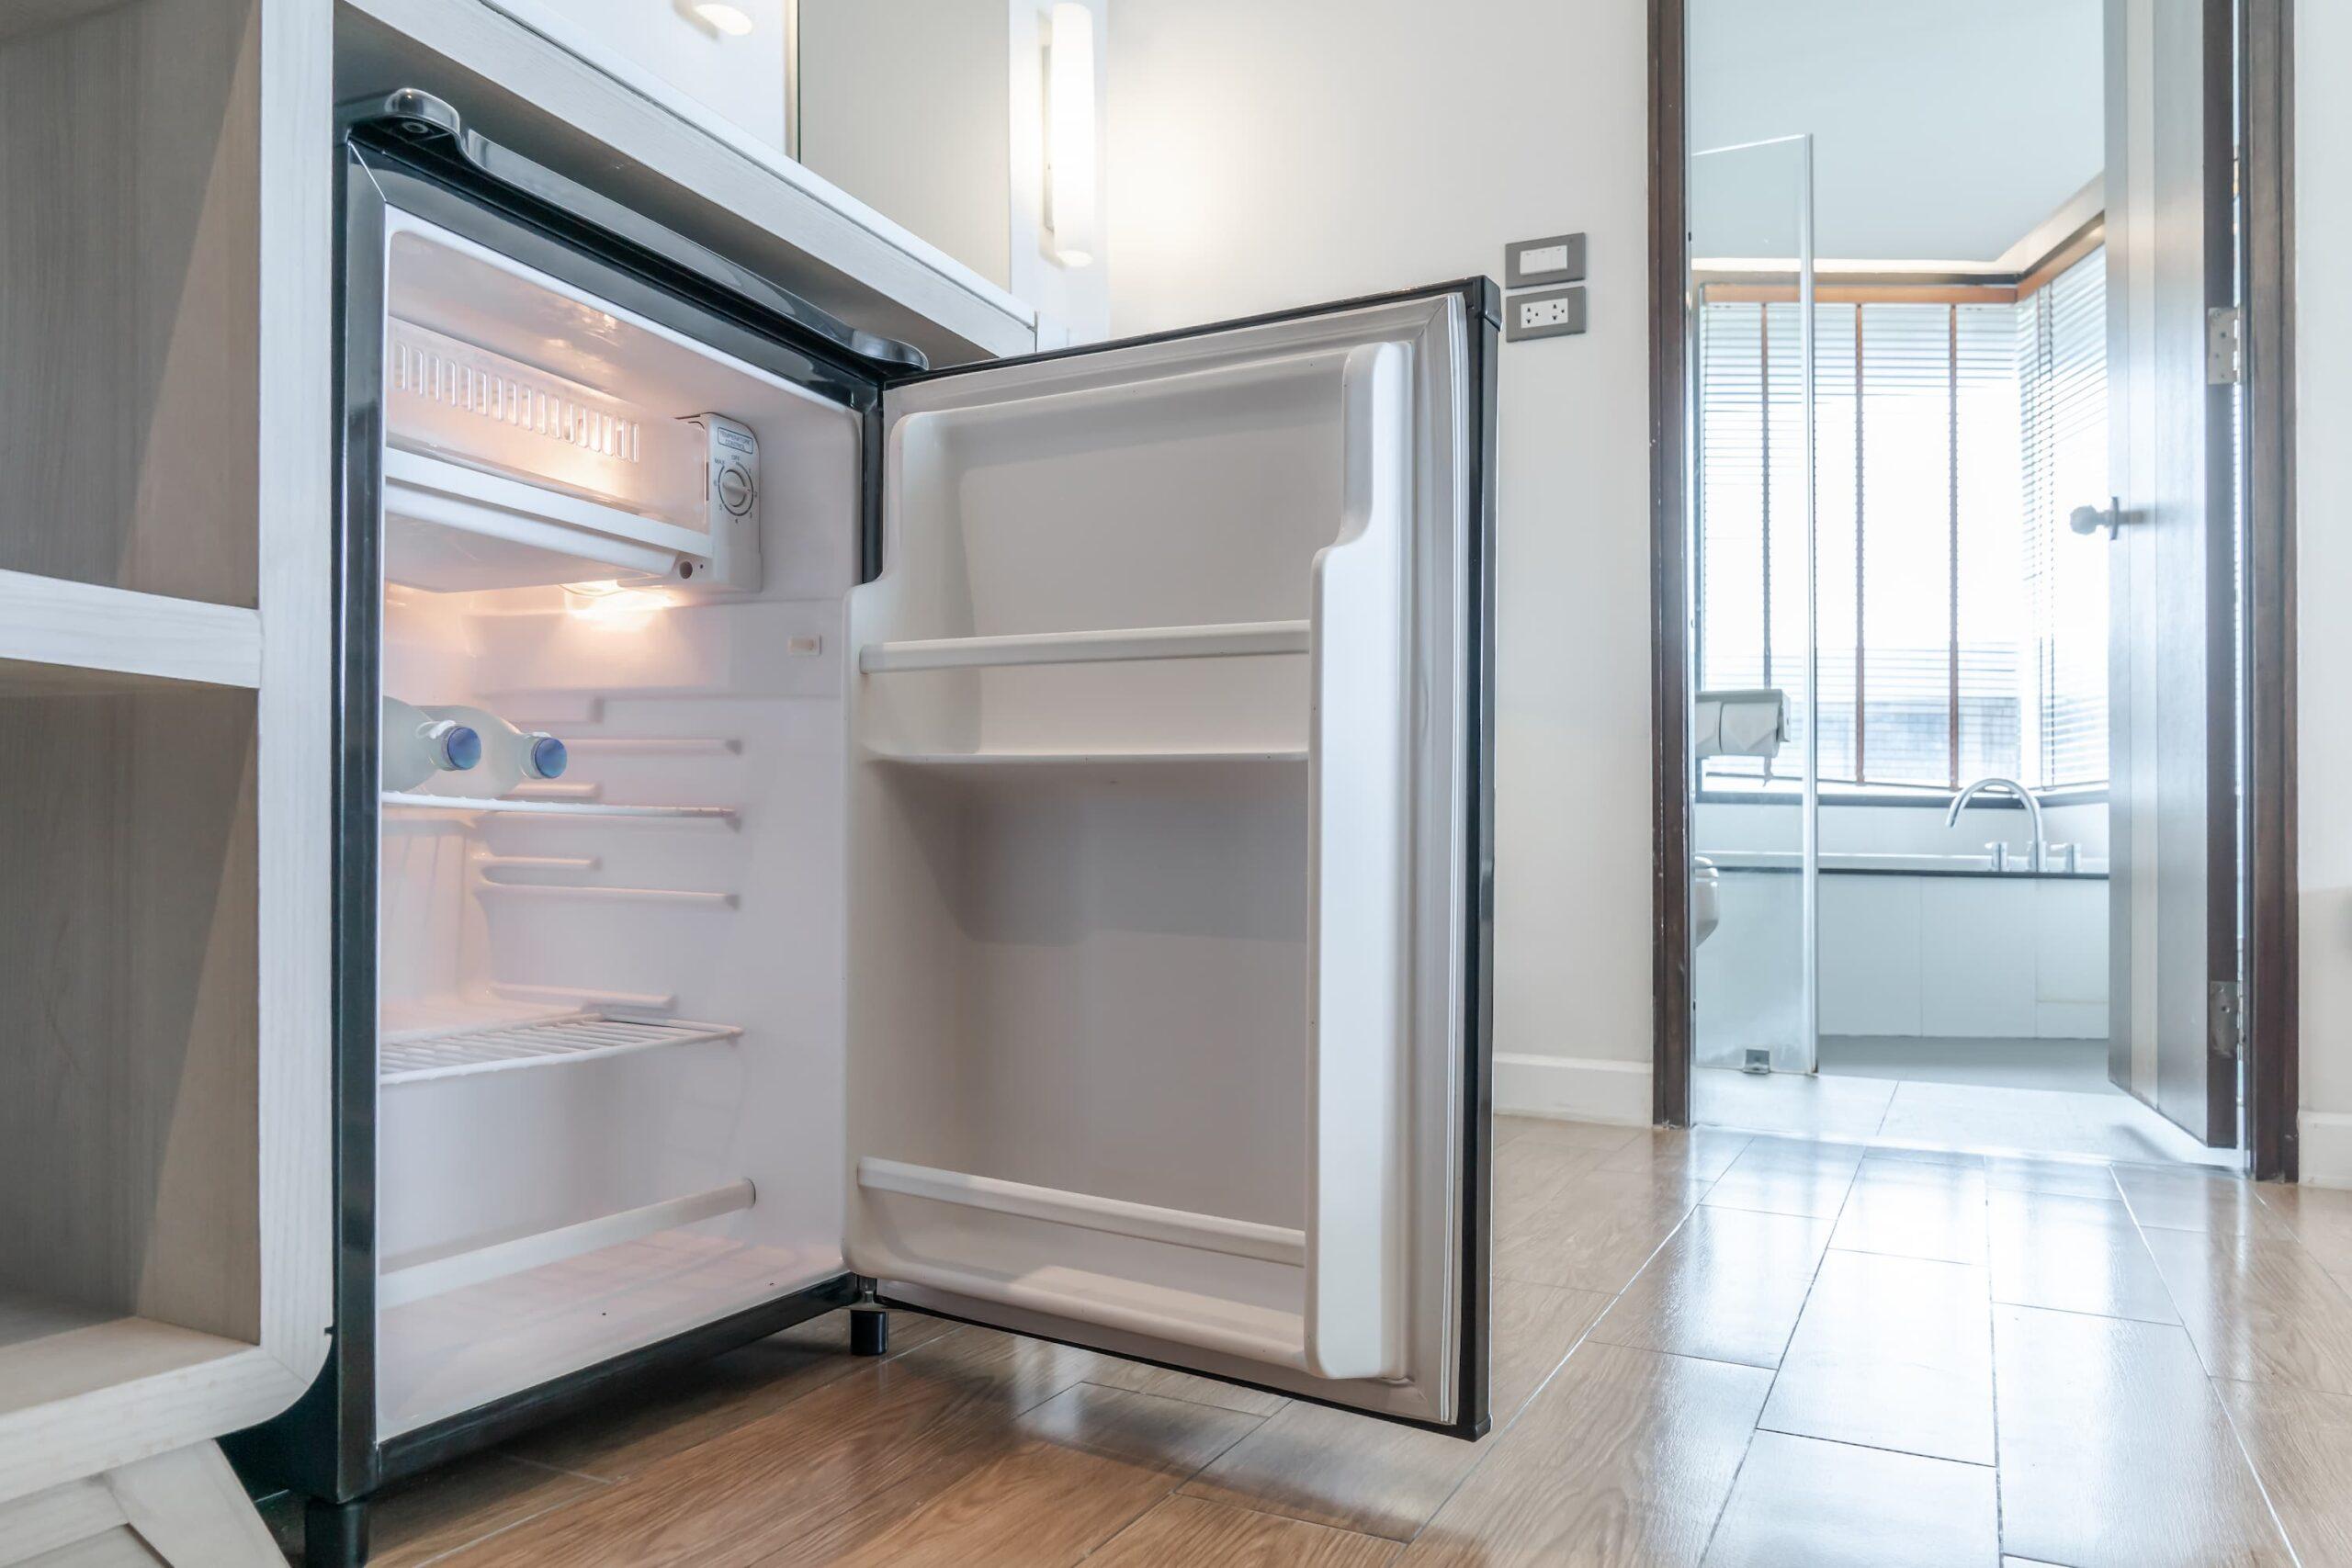 Vider son frigo et congélateur | Energreen